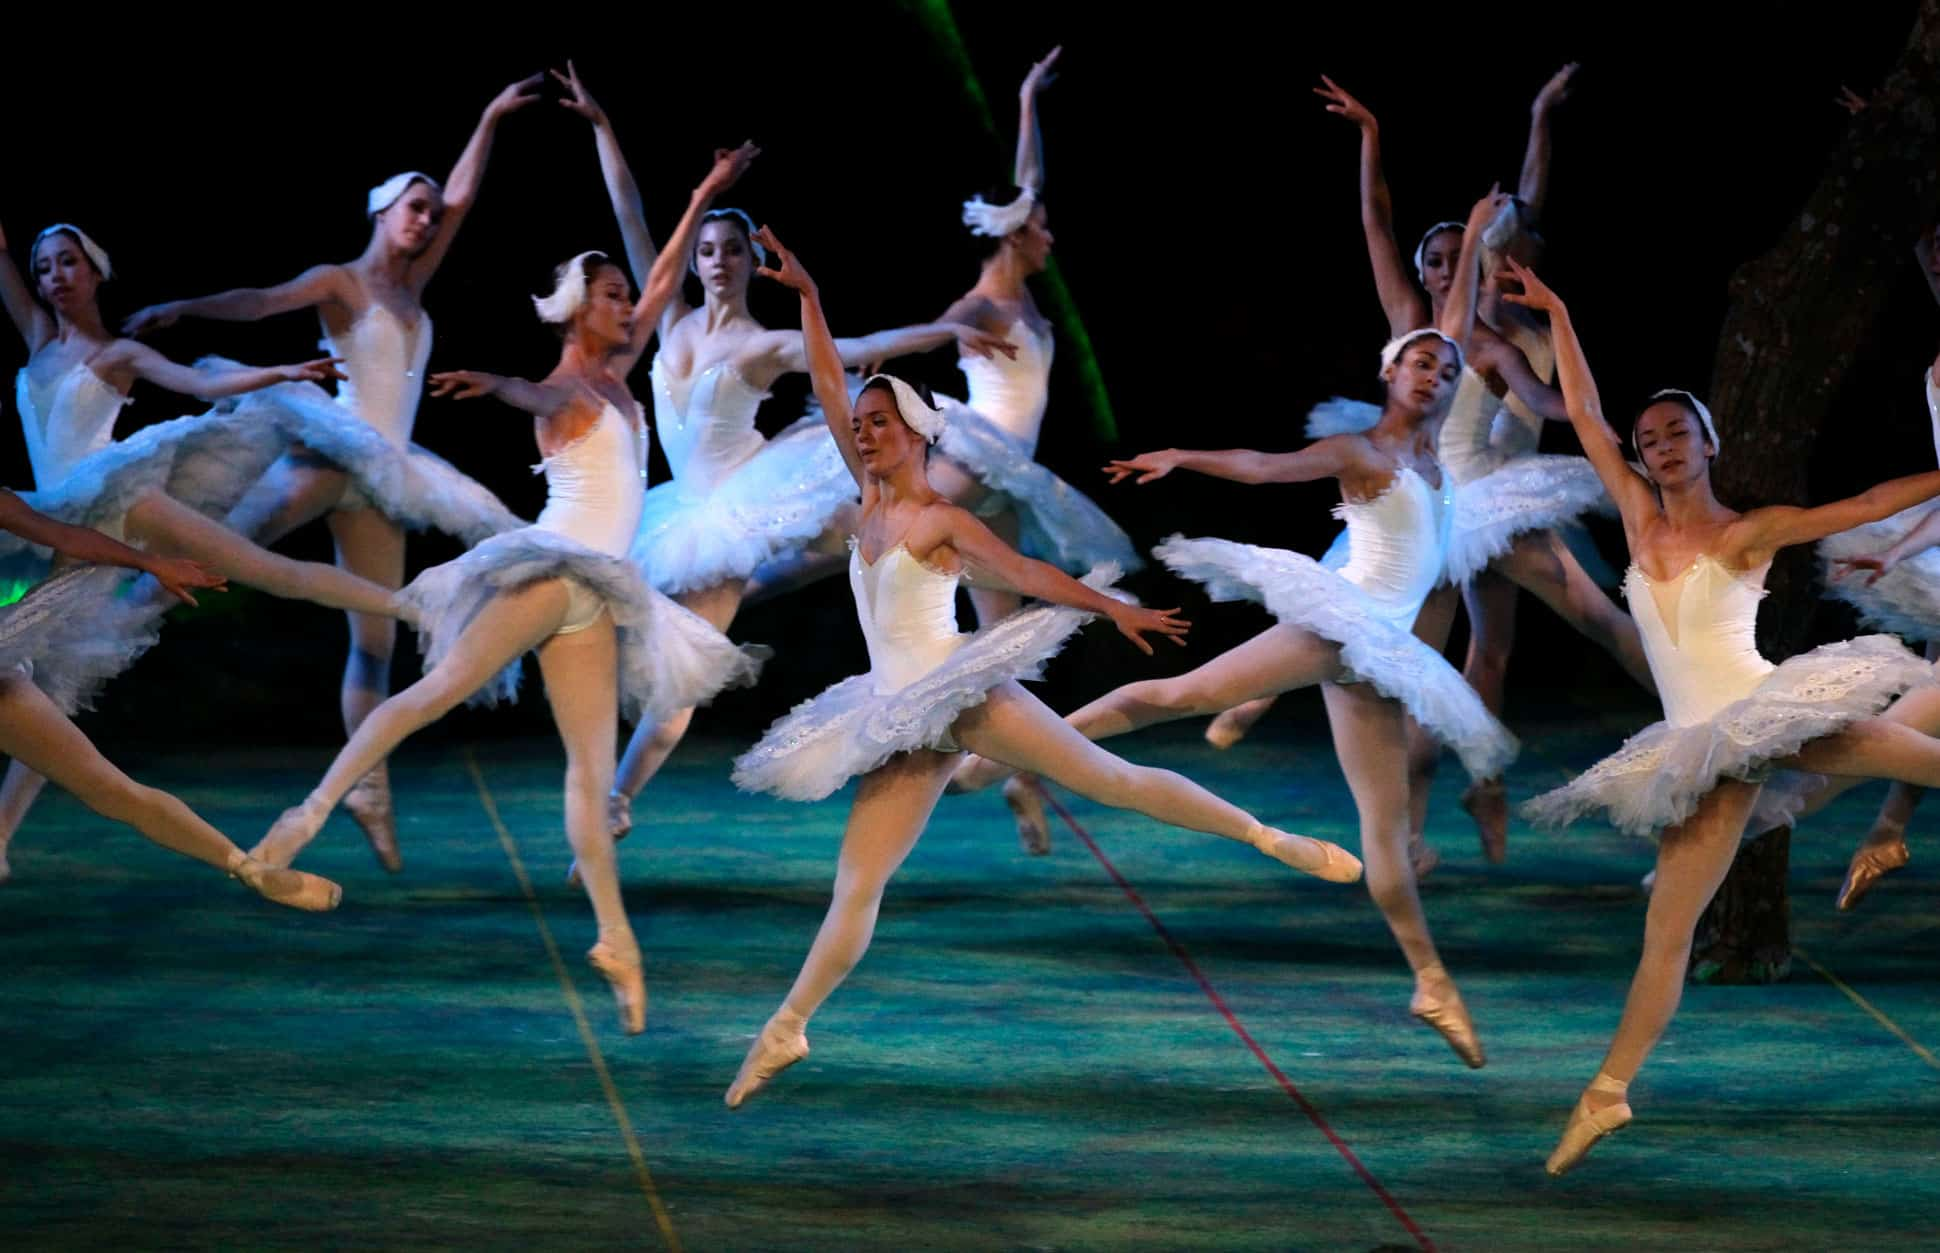 resistir-el-dolor-sin-quejarse-asi-es-el-mundo-del-ballet 3